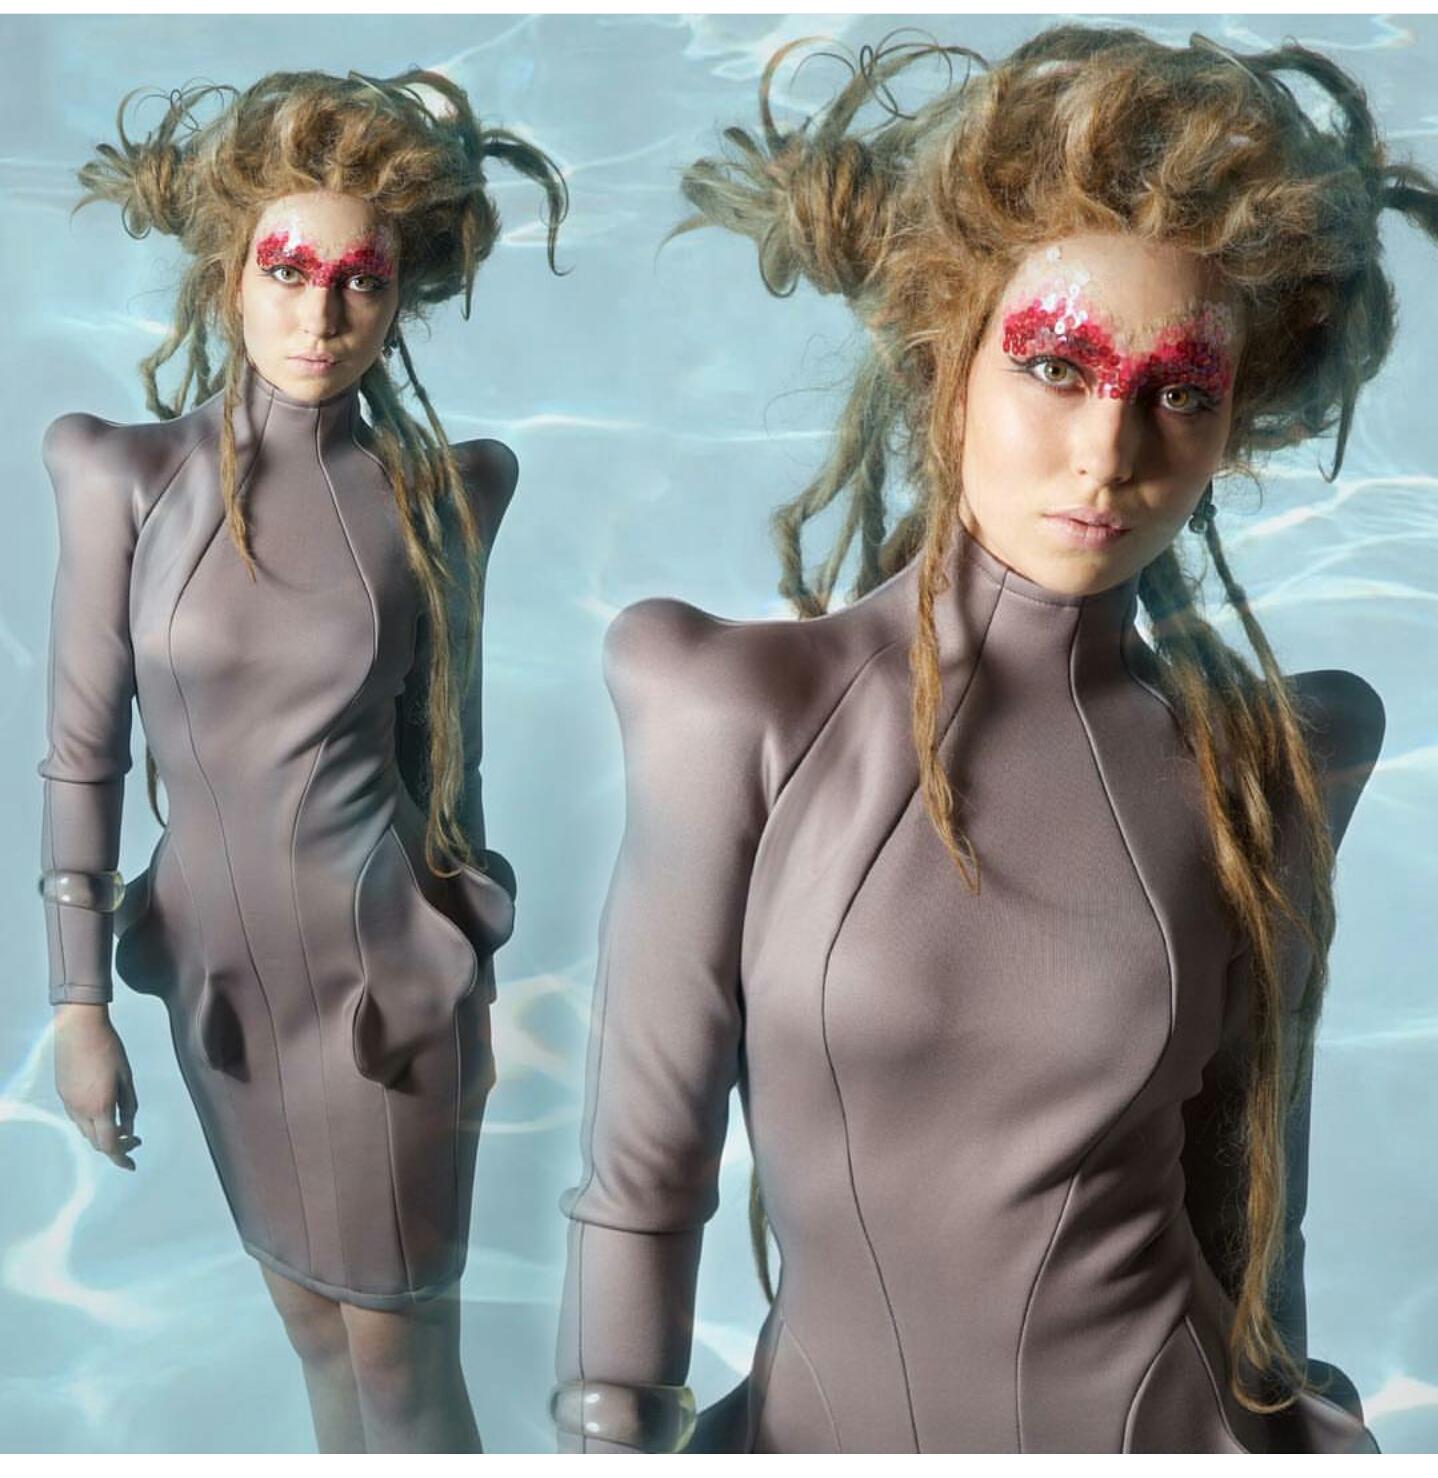 @geoffreymac  ・・・  Fulfill your fishy fantasy with the new Squid Dress by  #GeoffreyMac  . Check out the full FW16  #Sonar  Lookbook now at geoffreymac.com👏🏽🐙👏🏽 Lookbook photos by:  @jordankleinman  hair by:  #wigbar  and  @lpgdino  makeup by  @setsukotate  model:  @blab_le_bla  Produced by  @leblondnyc  #geoffreymac  #sonar  #lookbook  #womenswear  #menswear  #newcollection  #underwater  #mermaid  #godeep  #servingfish  #fw16  #brooklyndesigner  #editorial  #fashion  #nyfw  #neoprene  #dreadlockwig    #wigs